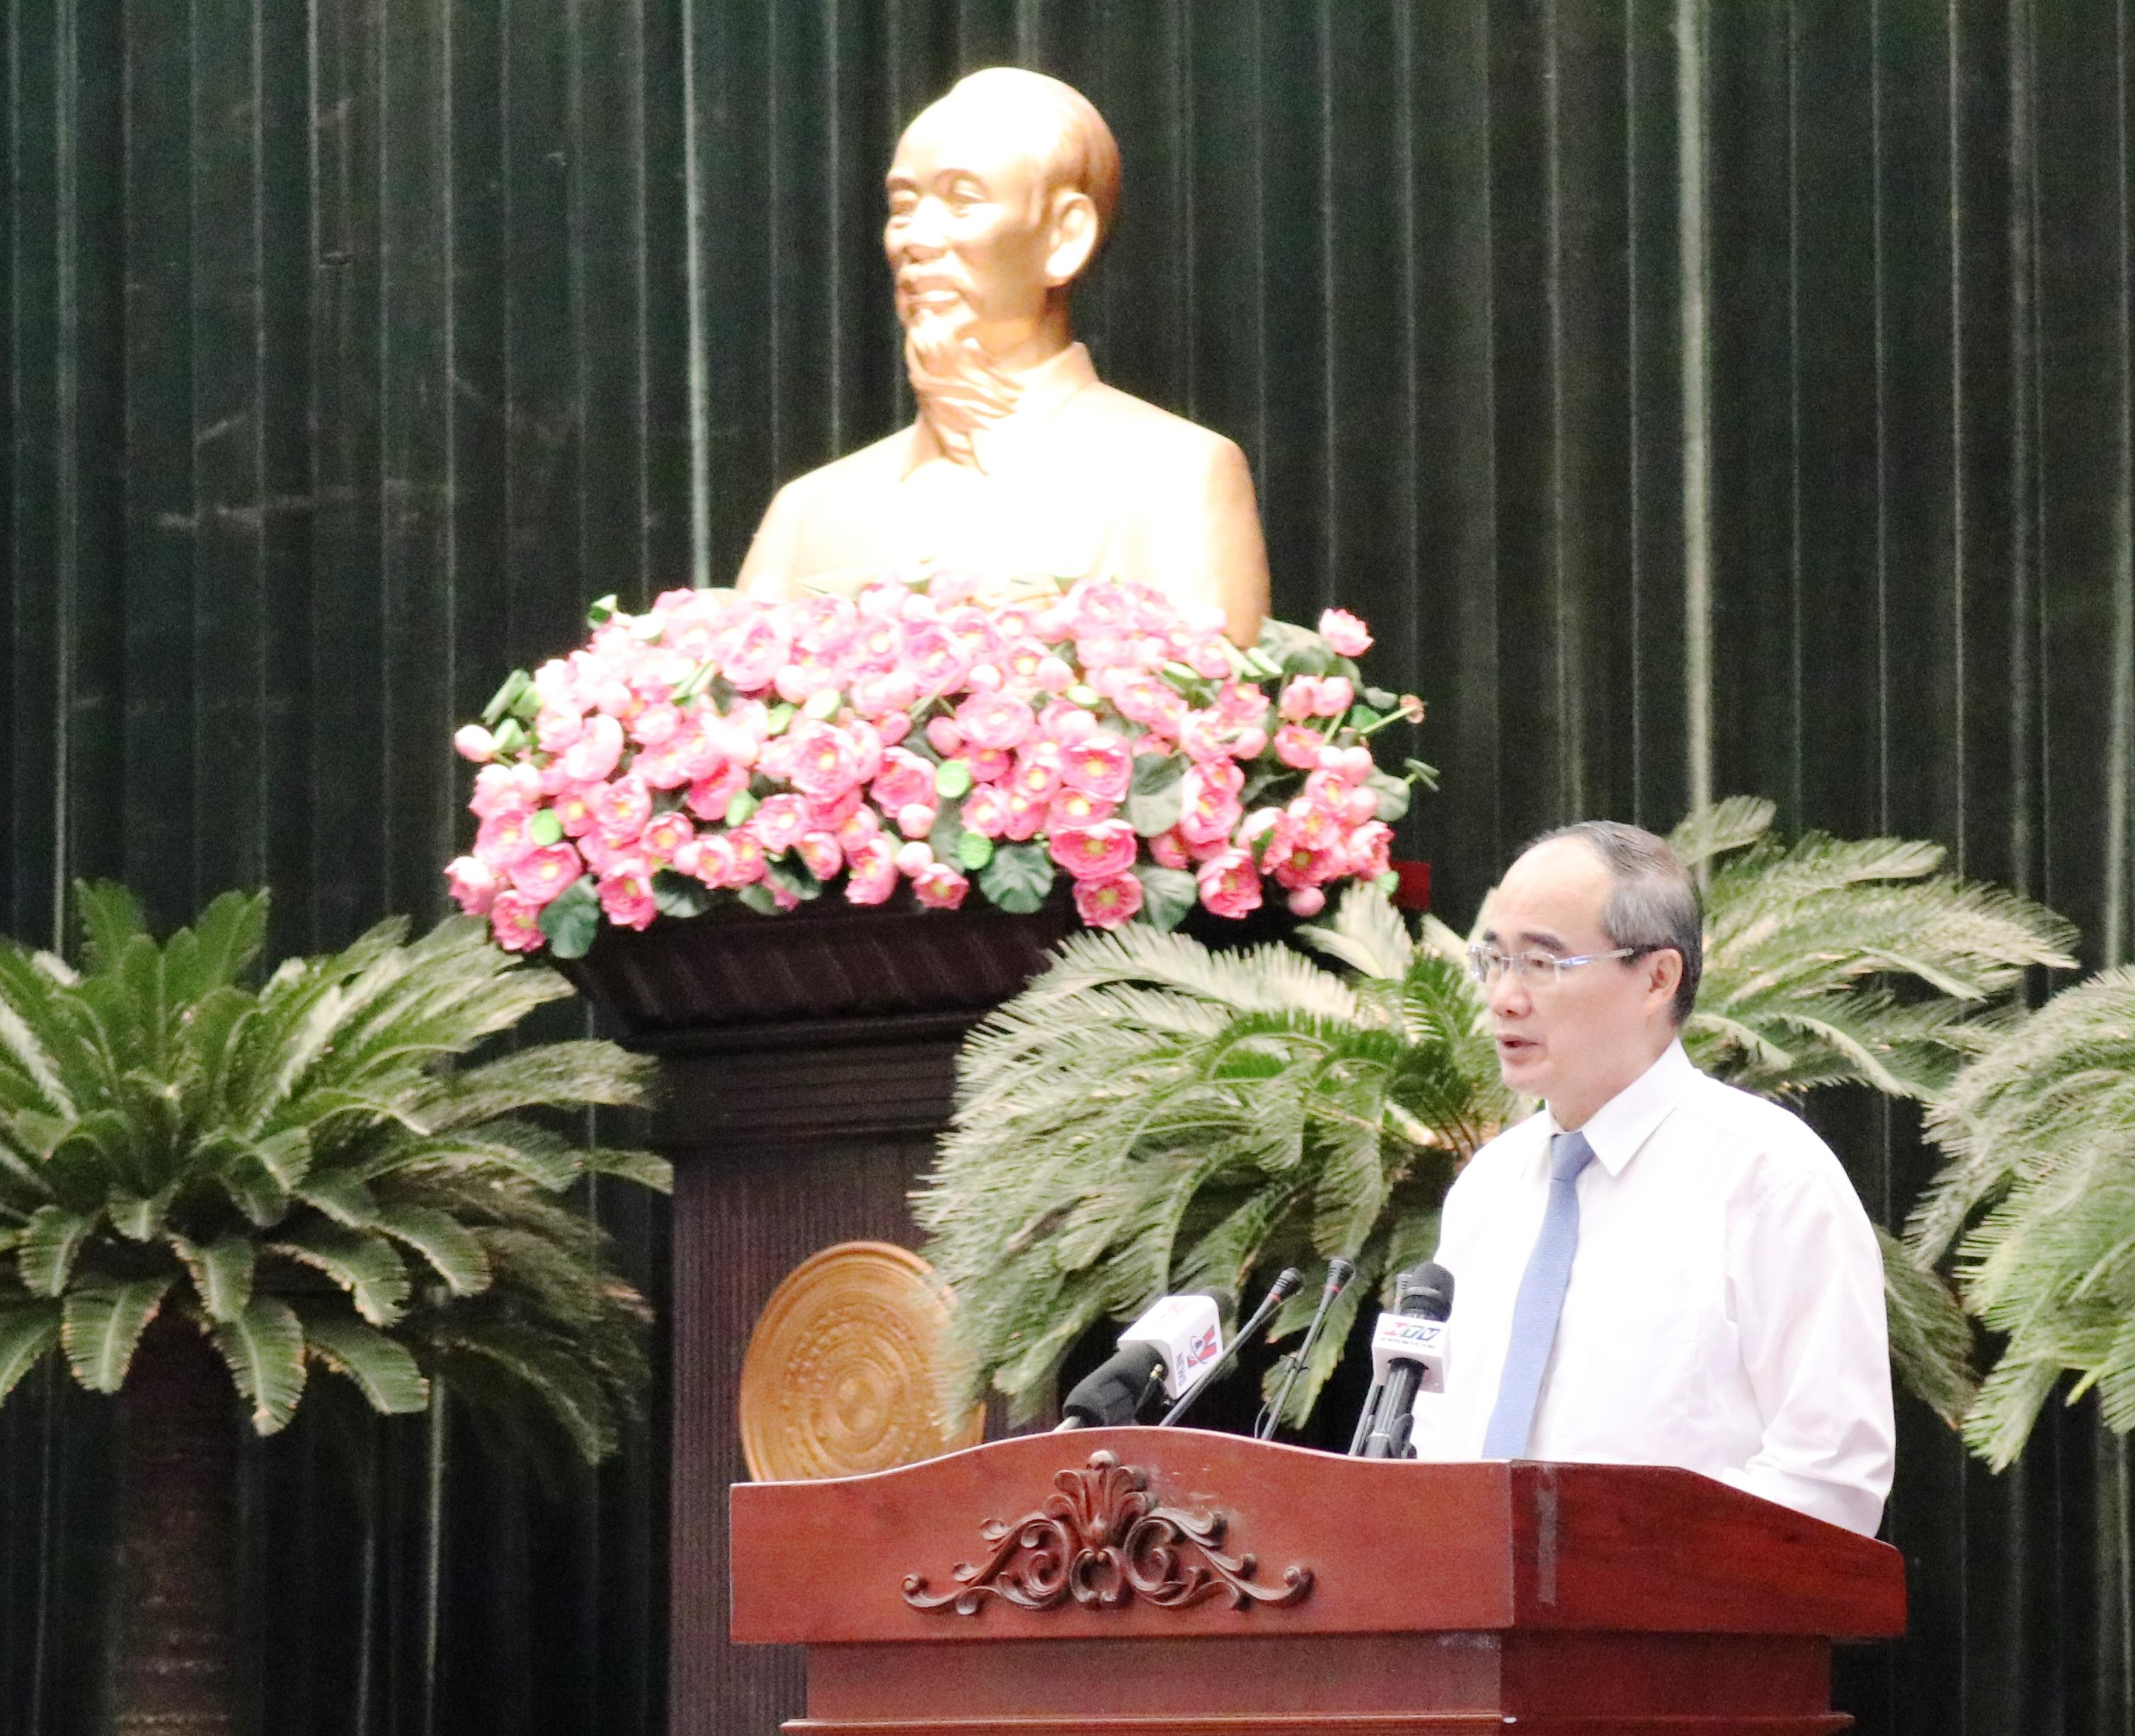 Khai mạc Hội nghị Ban Chấp hành Đảng bộ TP Hồ Chí Minh lần thứ 32